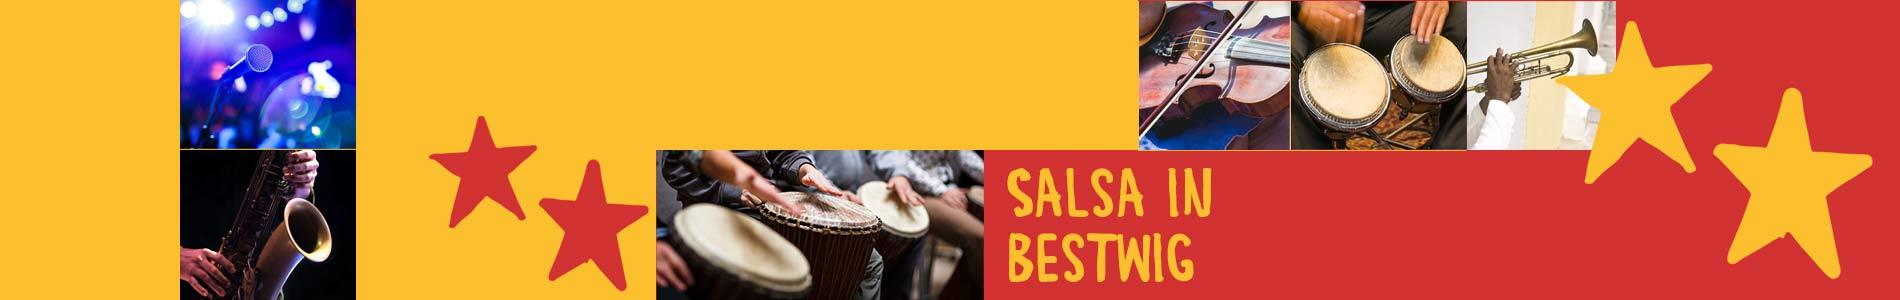 Salsa in Bestwig – Salsa lernen und tanzen, Tanzkurse, Partys, Veranstaltungen